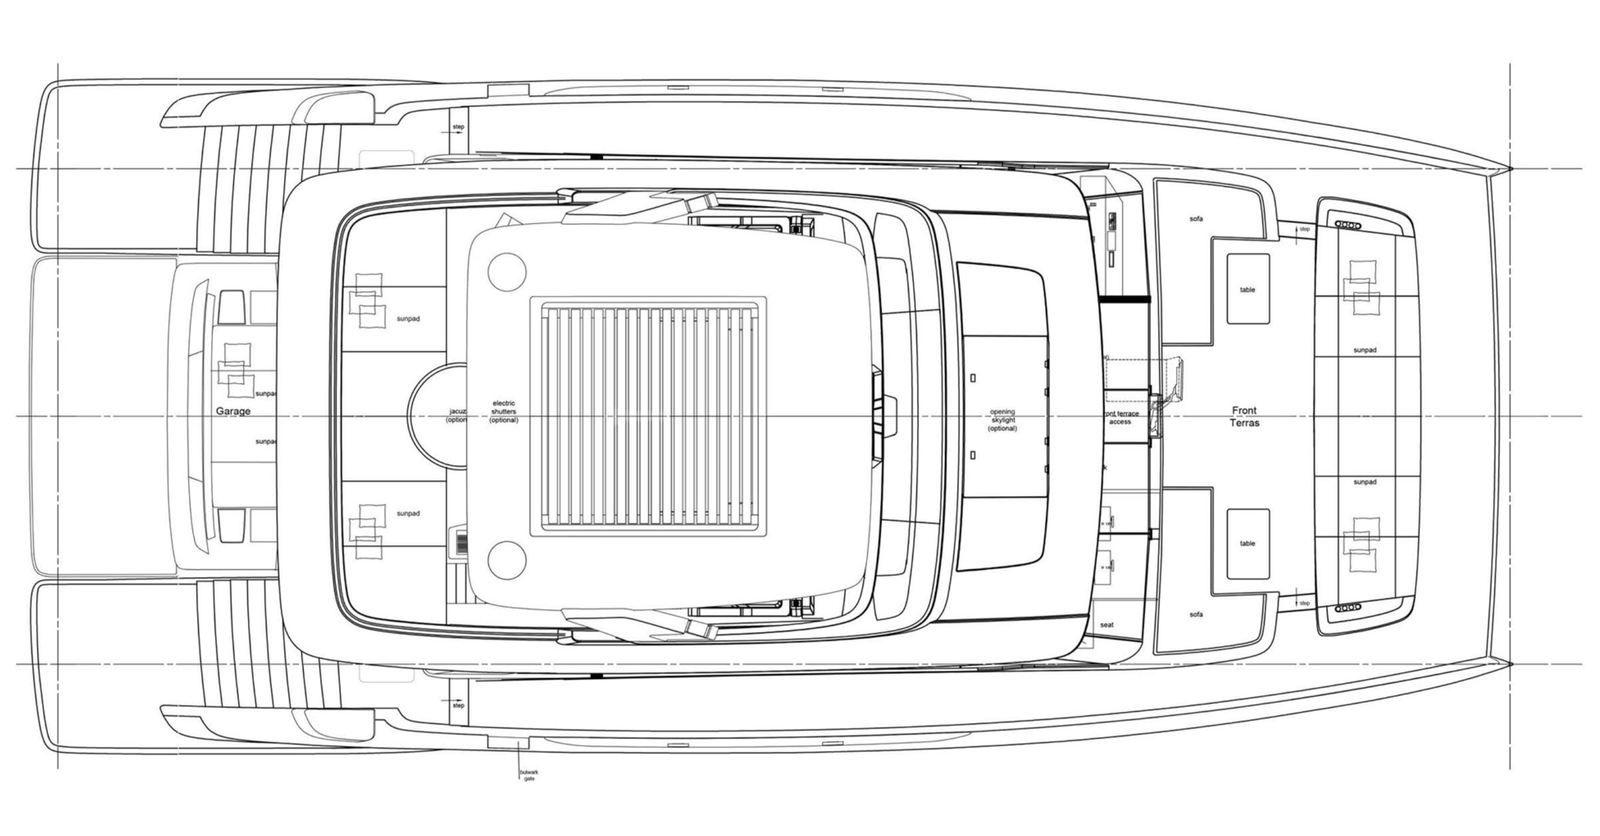 Dernière minute - Sunreef Yachts signe la vente d'un mega-catamaran motoryacht de 100 pieds !